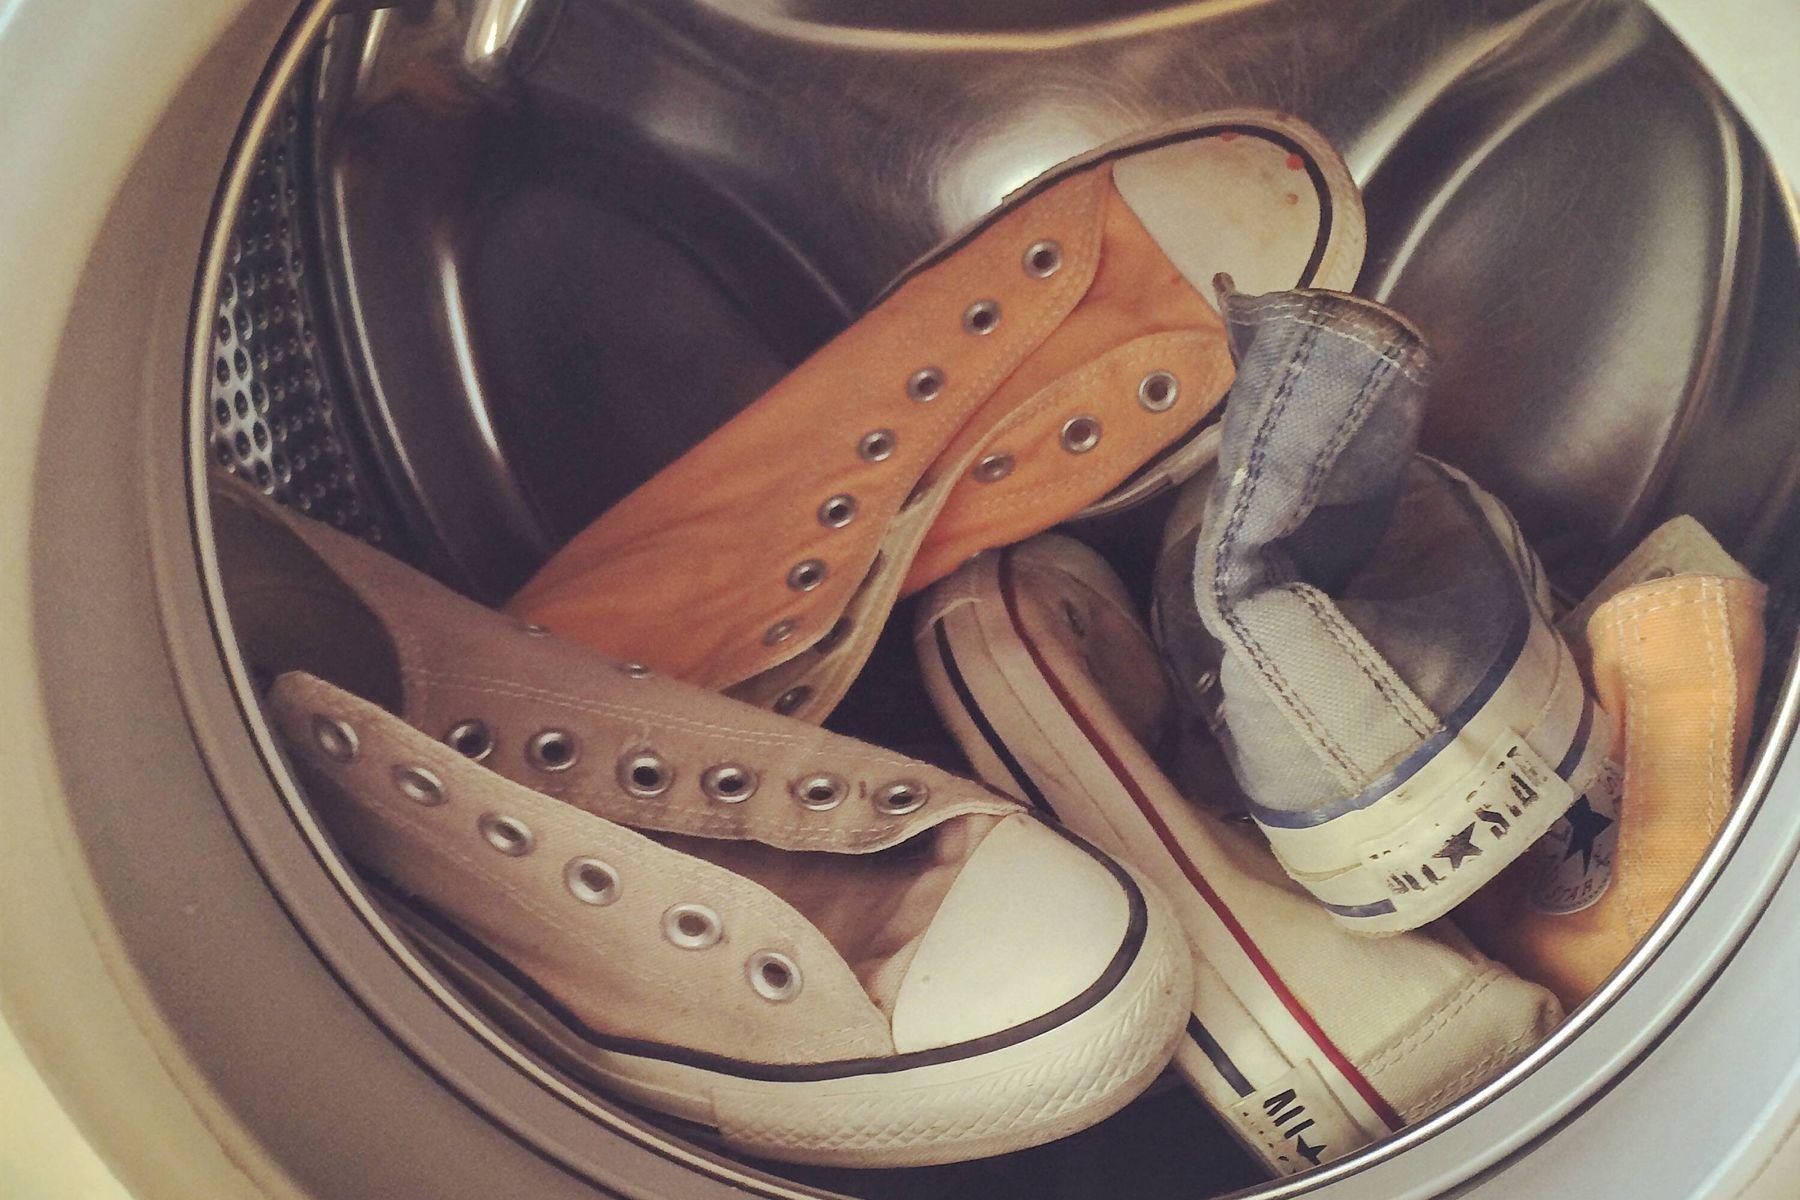 Liệu có nên giặt giày bằng máy giặt không?